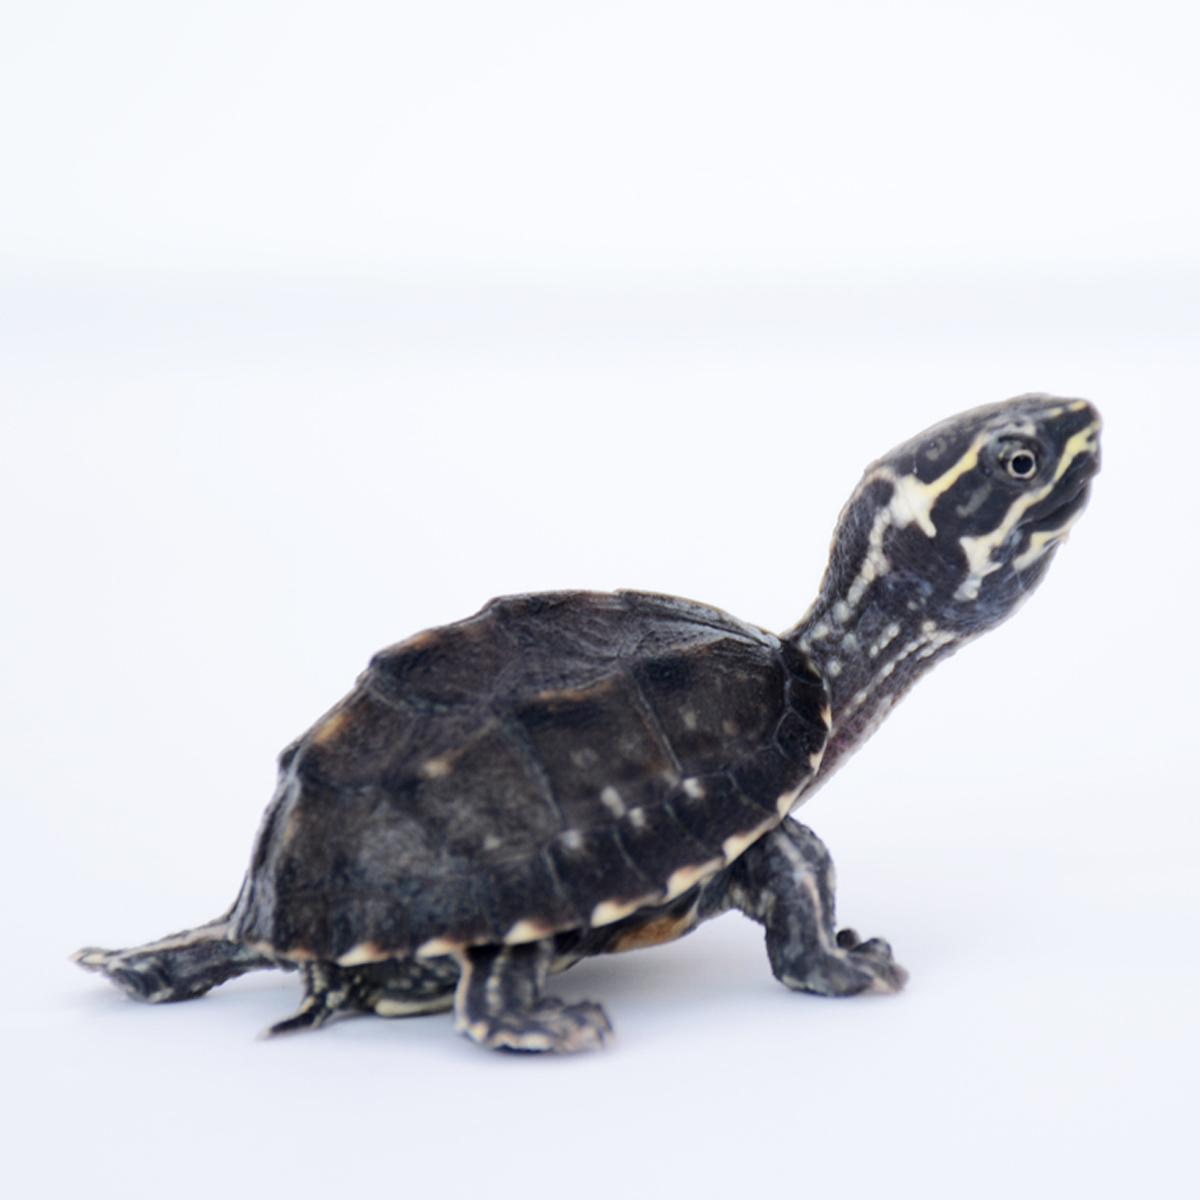 苗乌龟宠物龟巨头虎纹挑头苗麝香龟(用1元券)